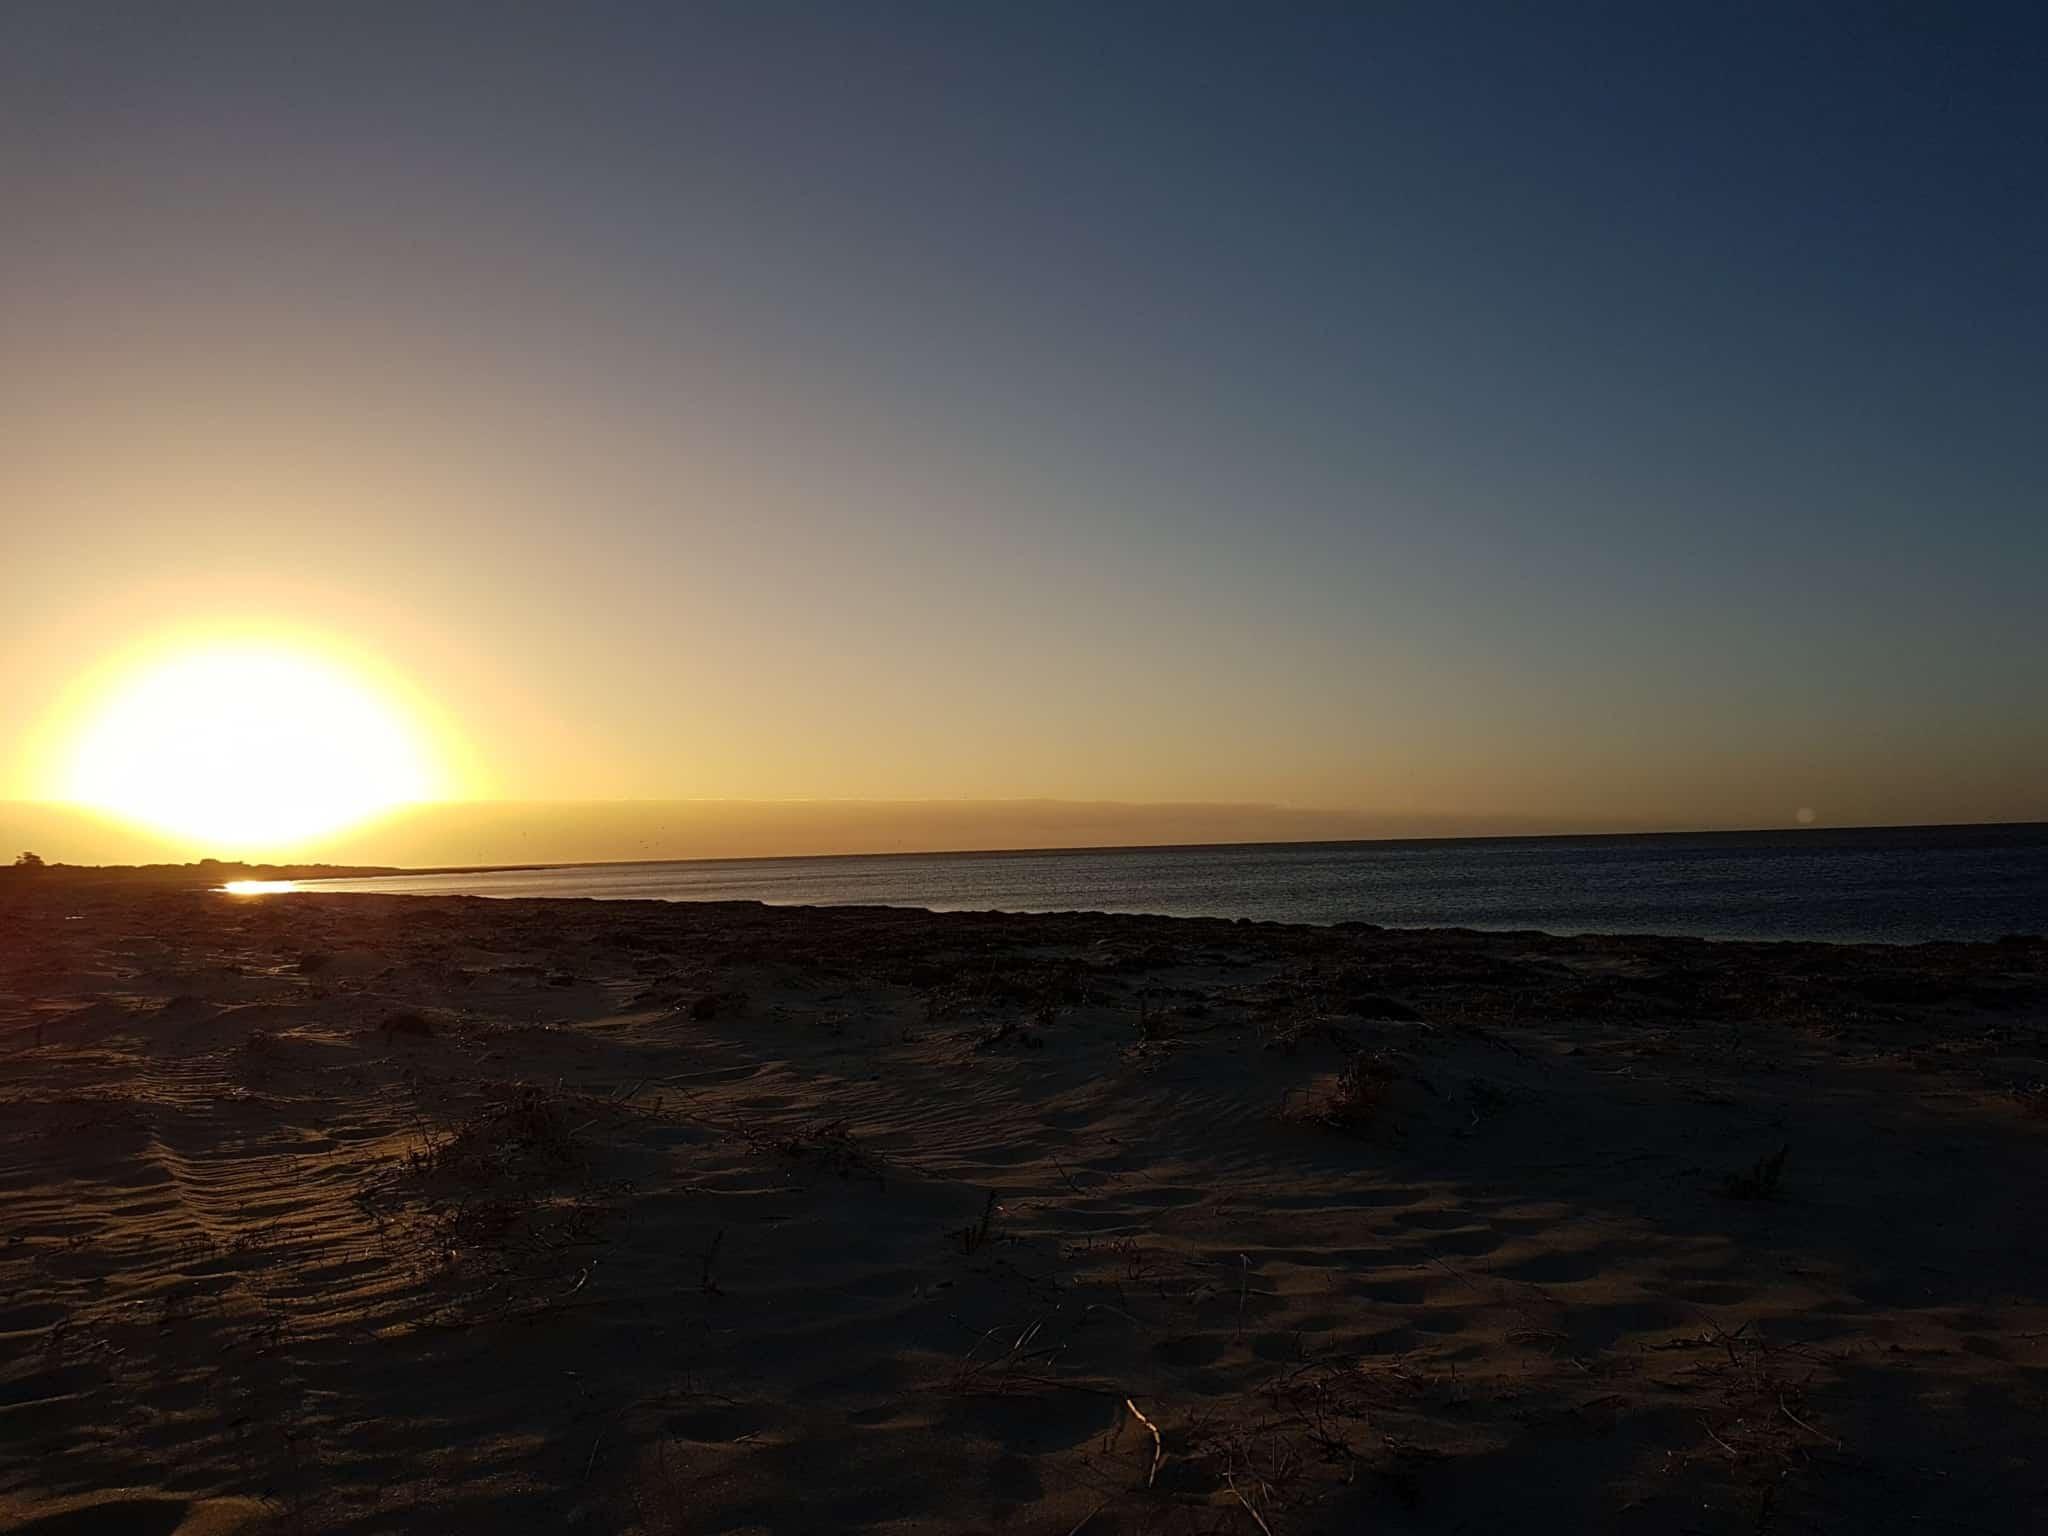 Australie, on loue une voiture pour faire la Great Ocean Road 🚗 20